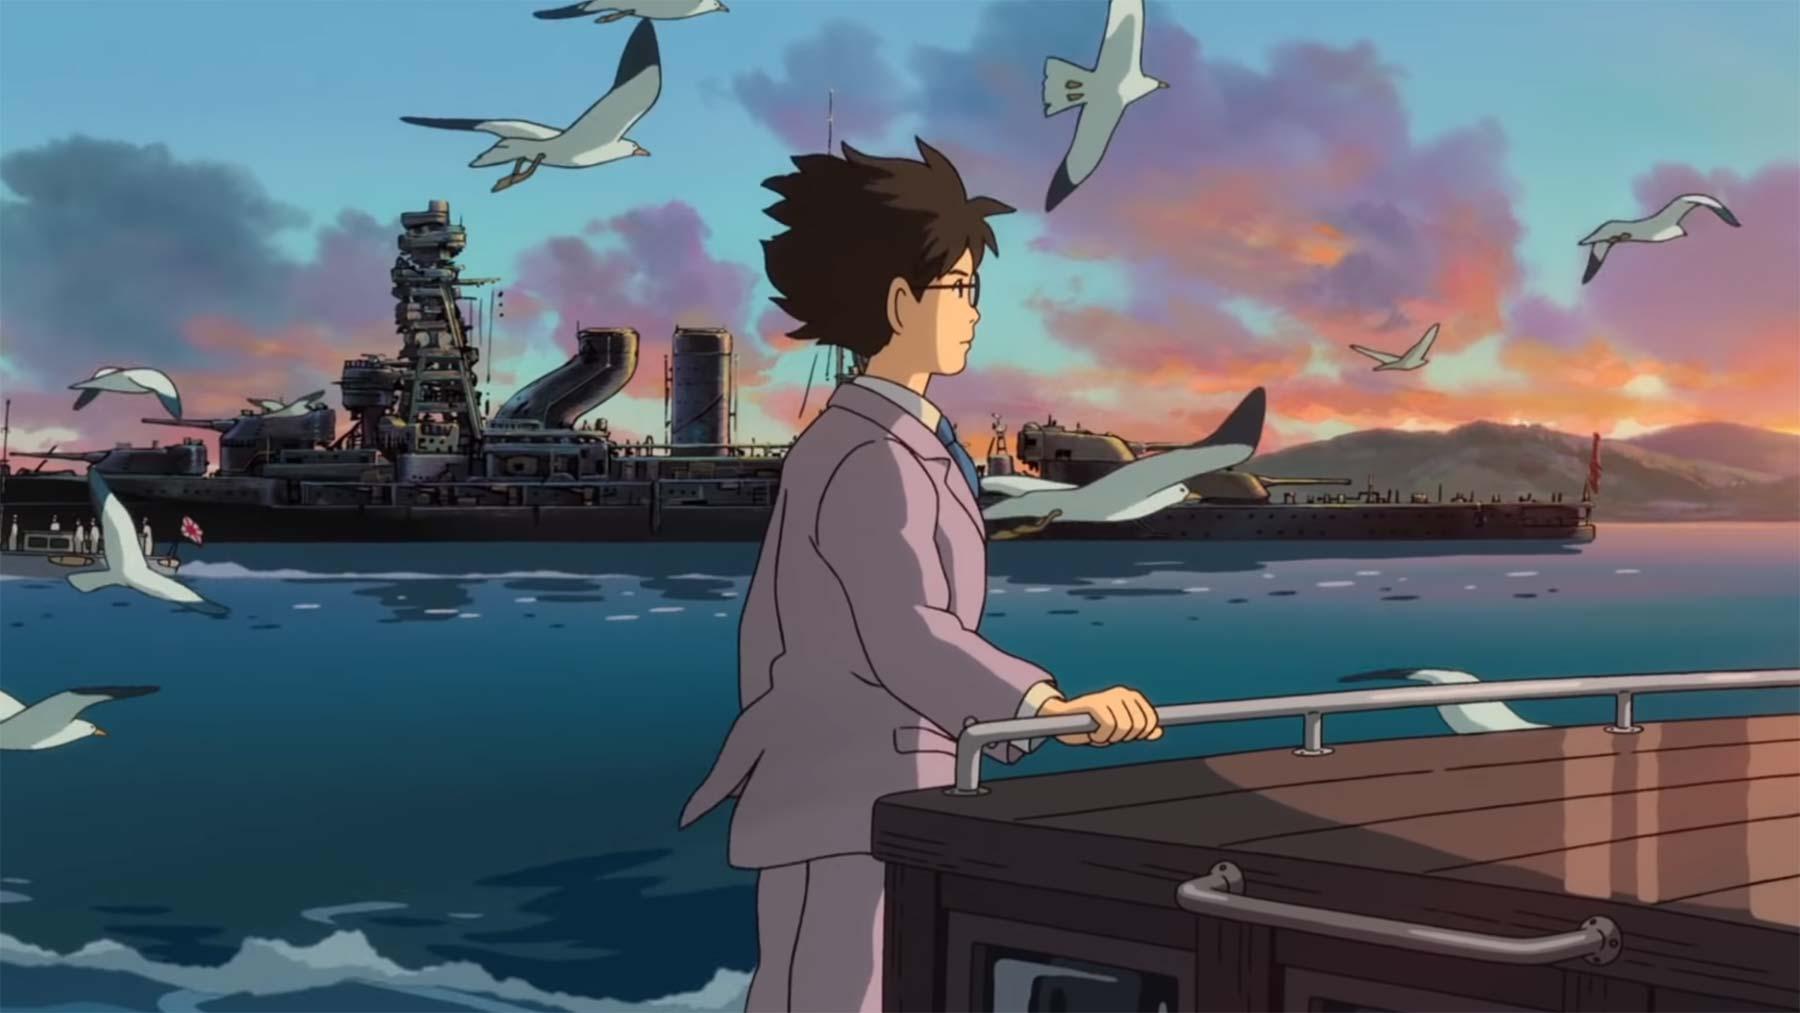 Weshalb Hayao Miyazakis Animationen so lebendig wirken